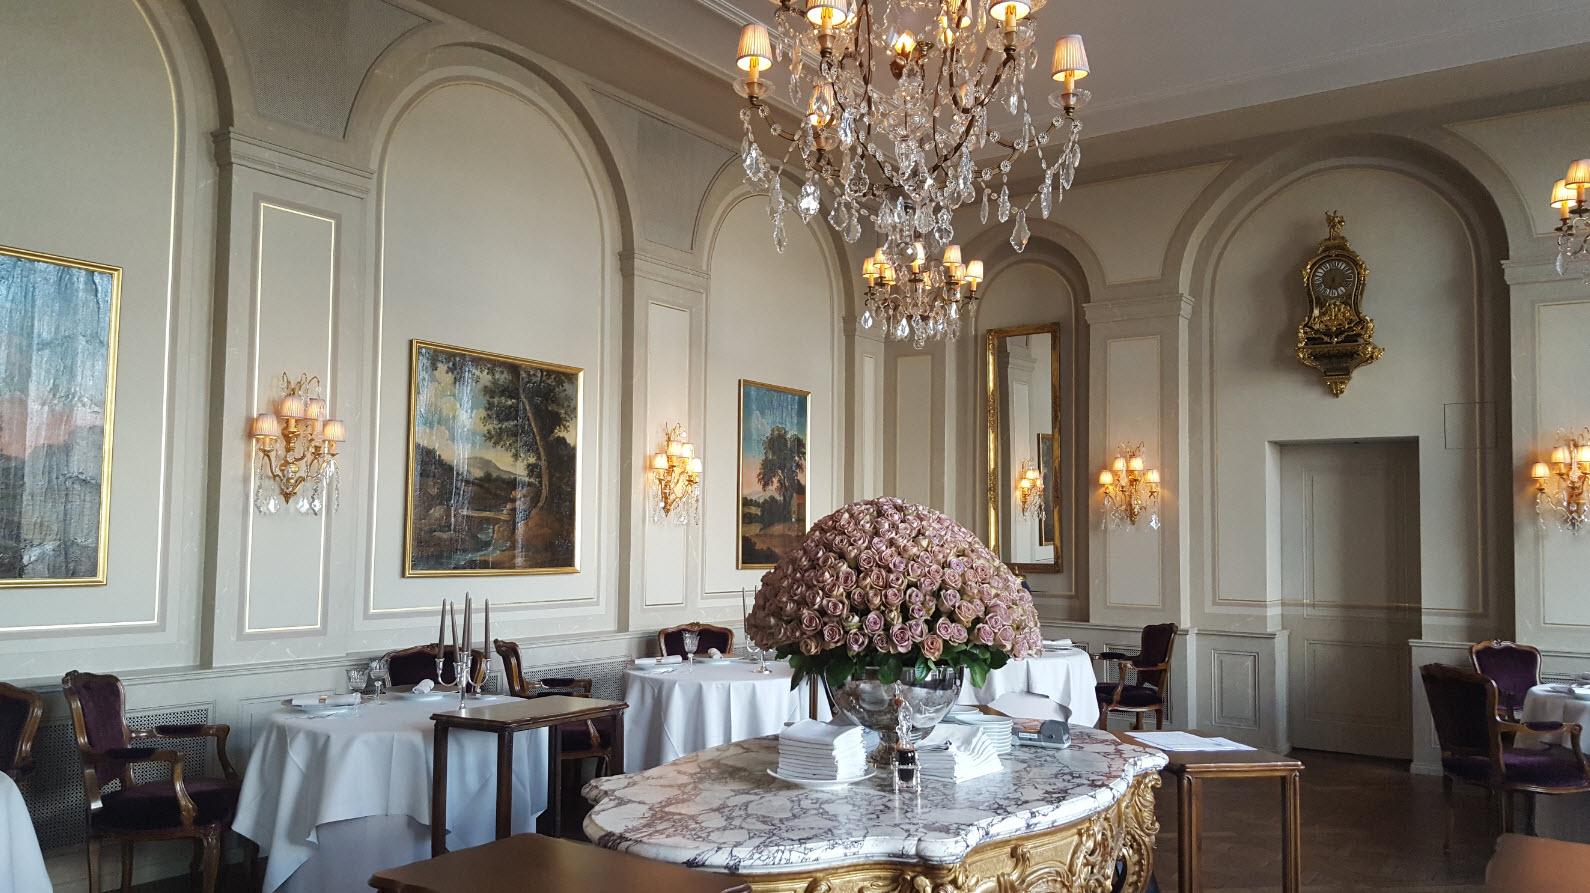 Salle au decor romantique